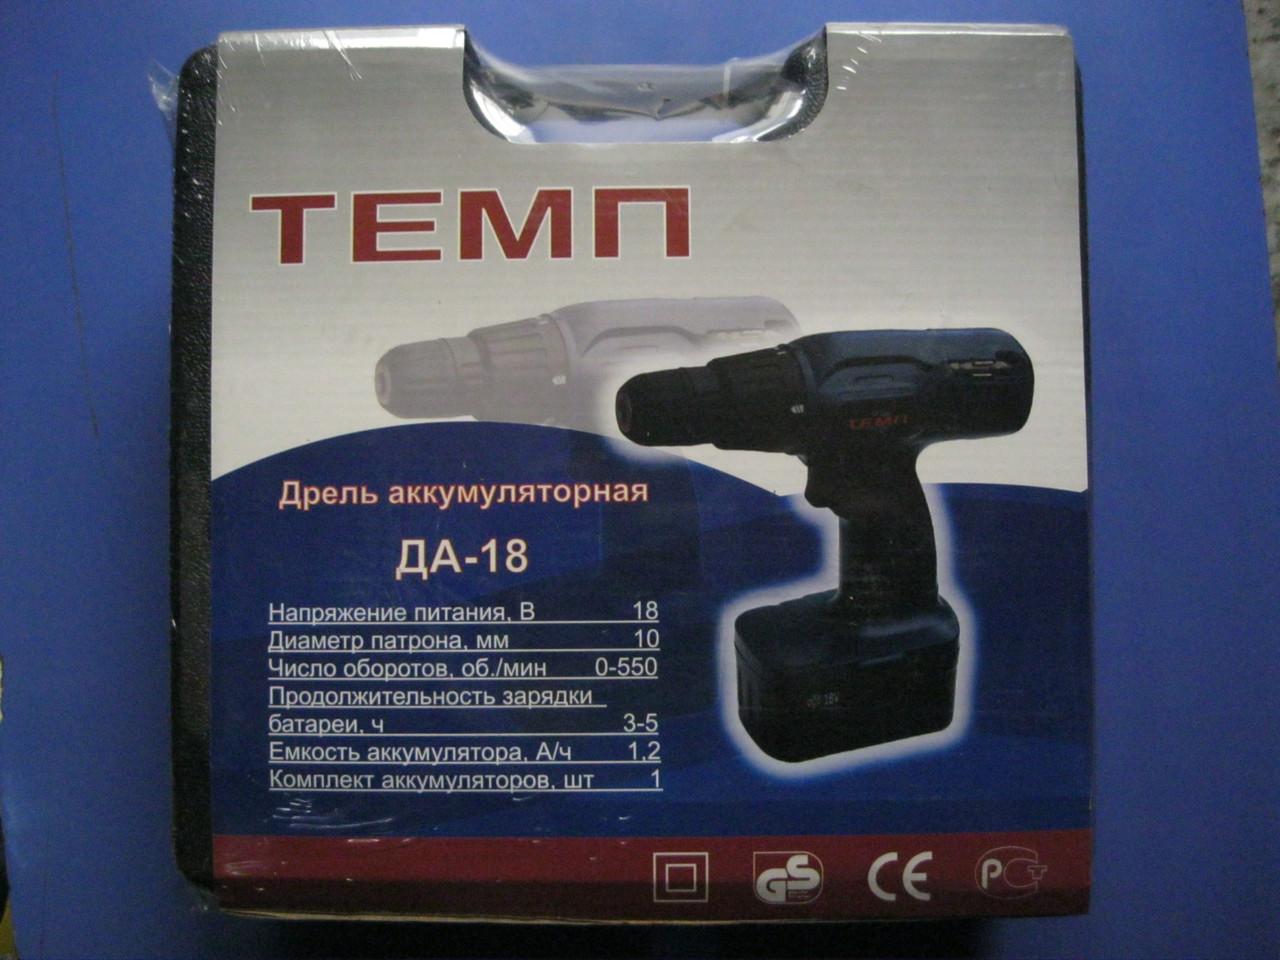 Шуруповерт Темп ДА-18